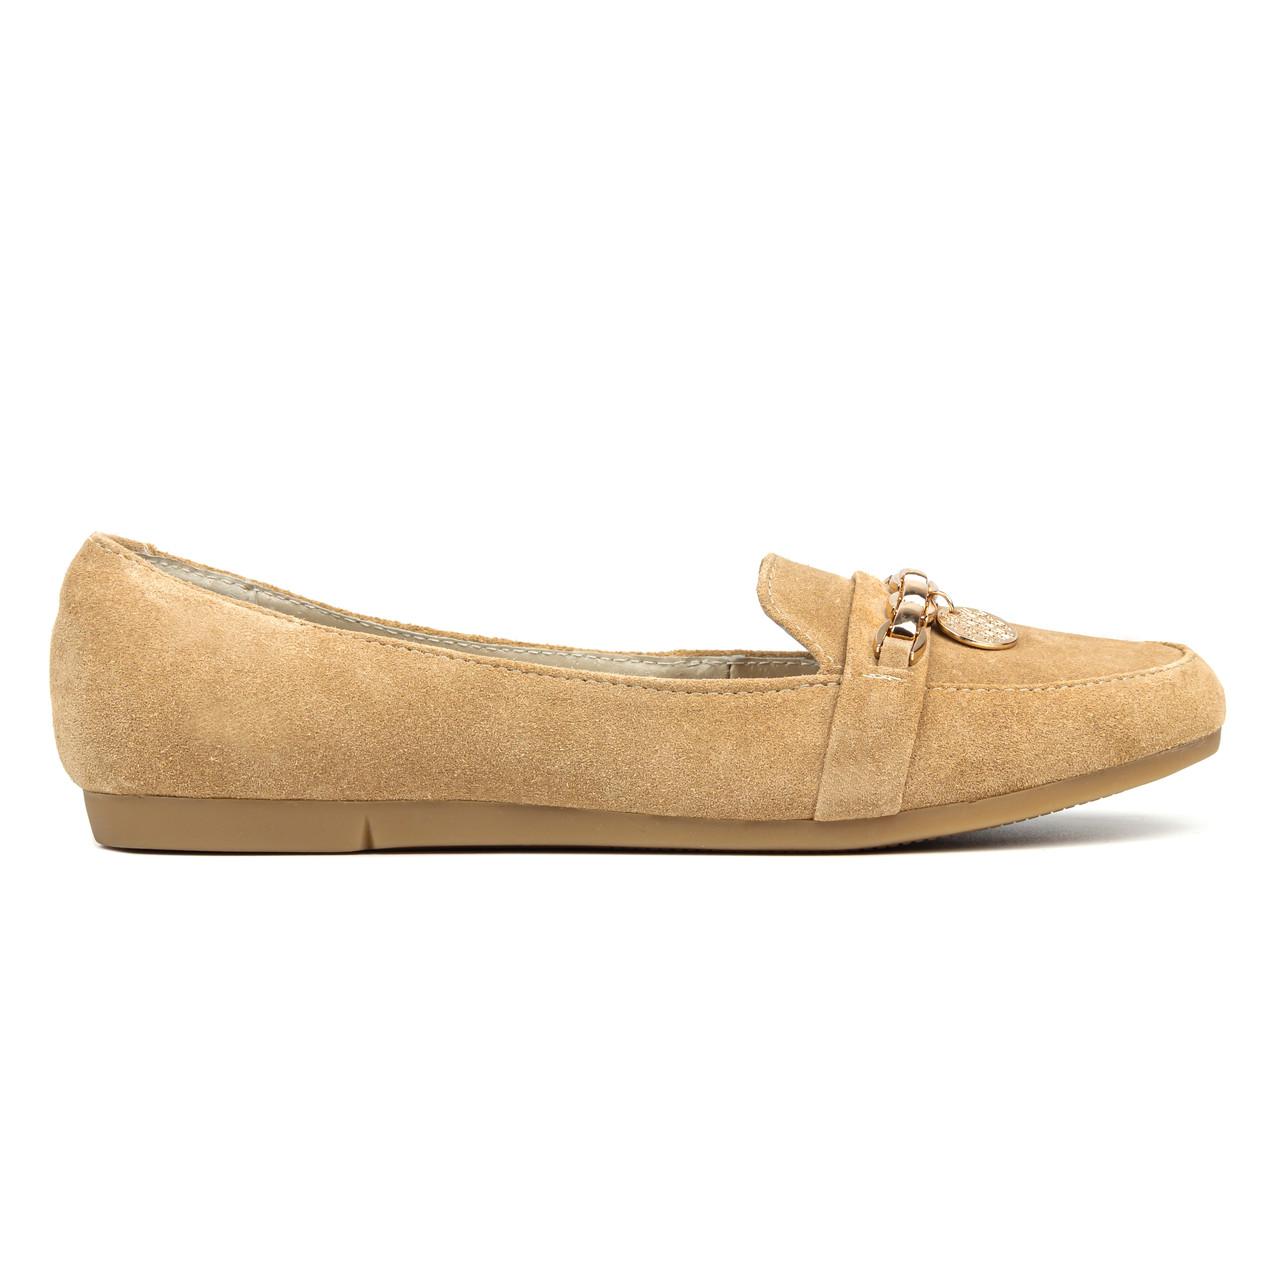 Мокасины женские Woman's heel 39 бежевые (О-622)